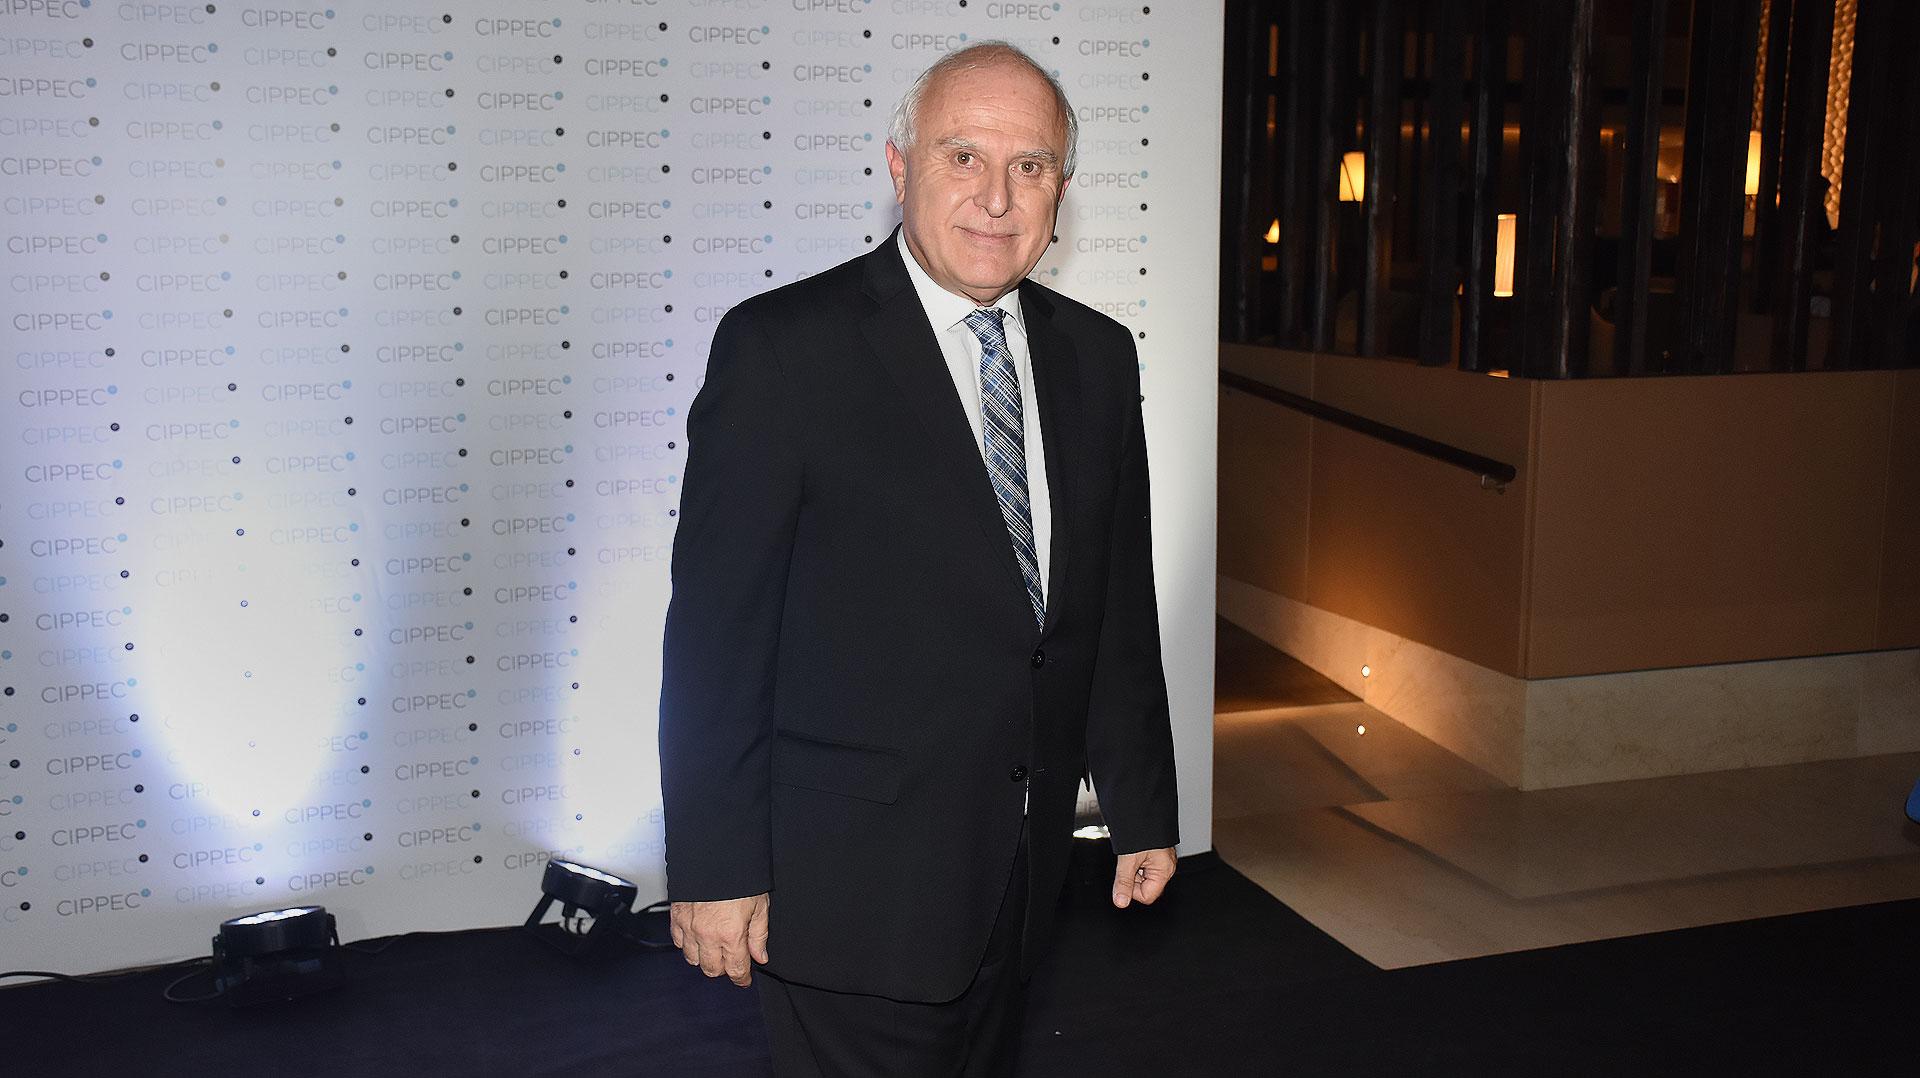 El gobernador de la provincia de Santa Fe, Miguel Lifschitz